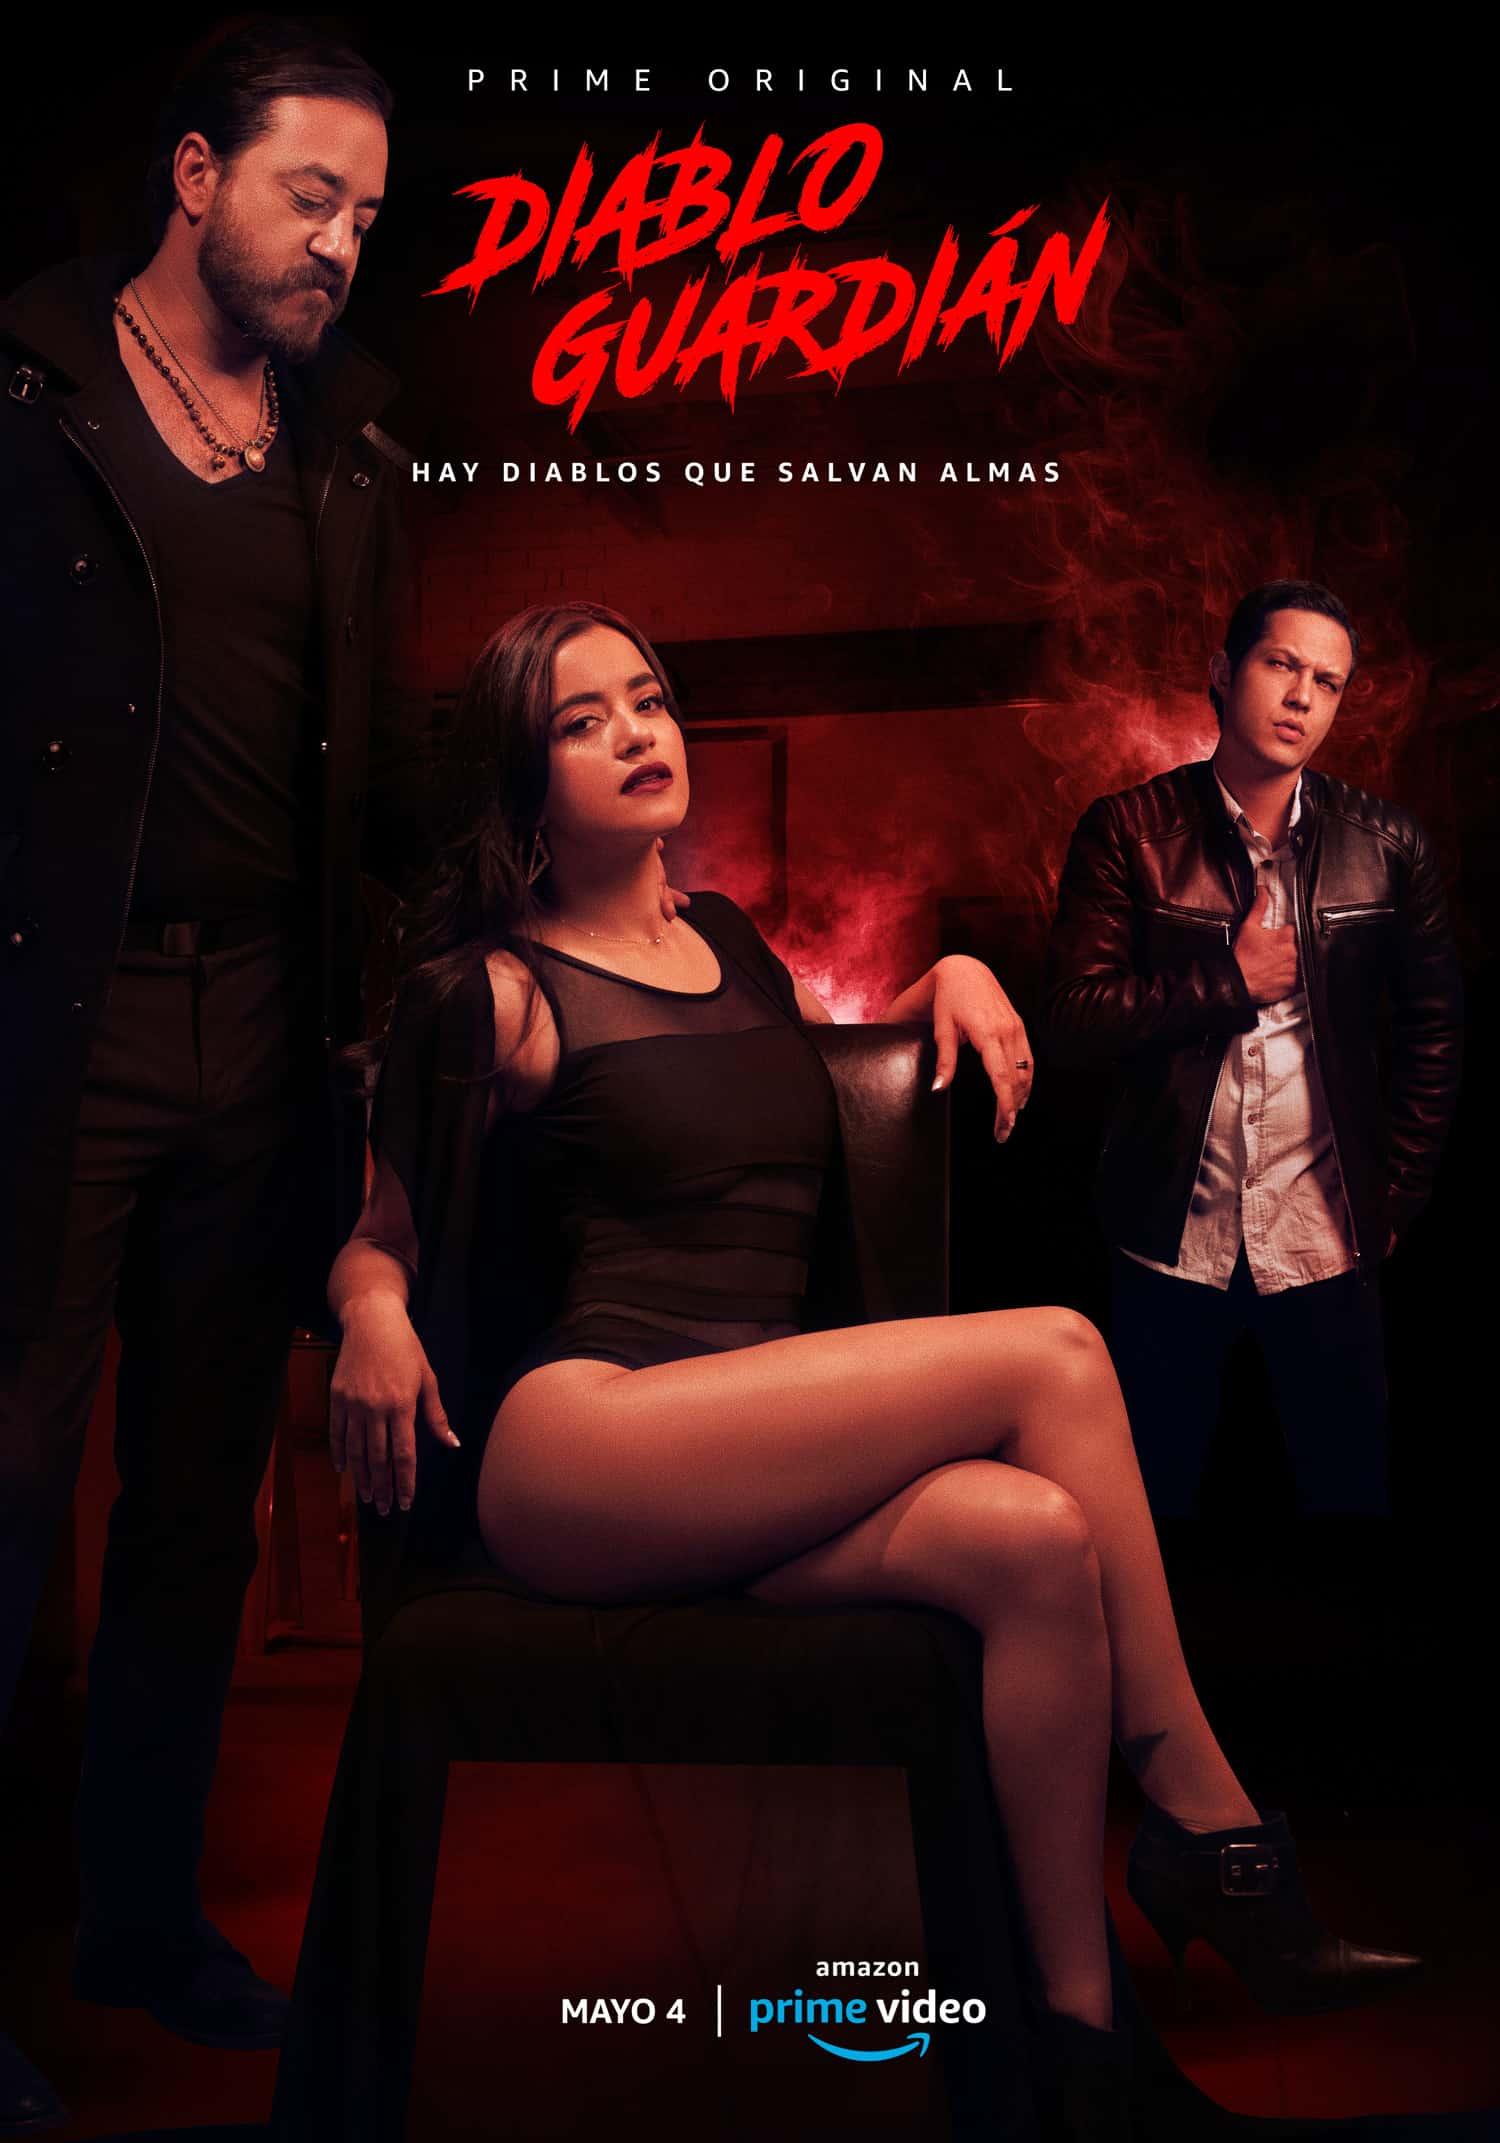 วายร้ายผู้พิทักษ์ ปี 1 Diablo Gaurdian Season 1 ซับไทย EP1 – EP10 [จบ]